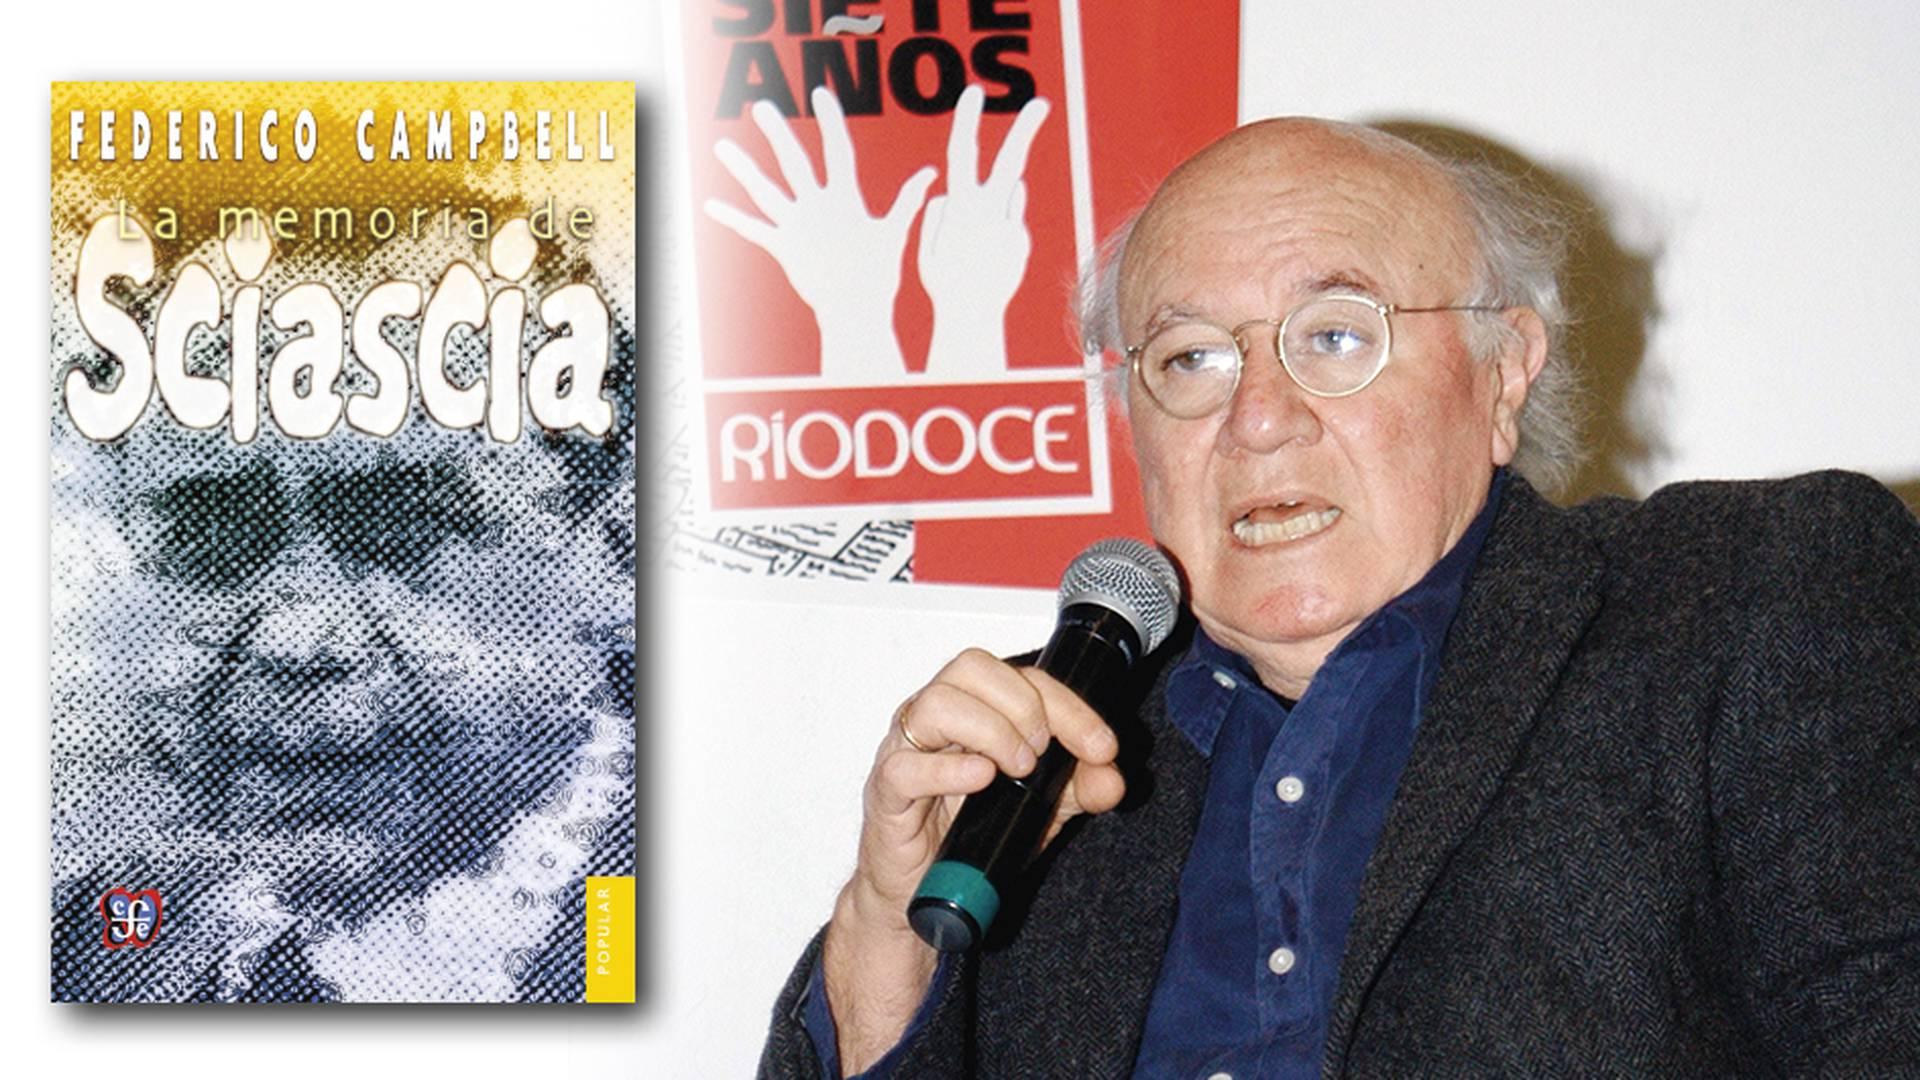 Federico Campbell fue un periodista, editor, ensayista y narrador mexicano.